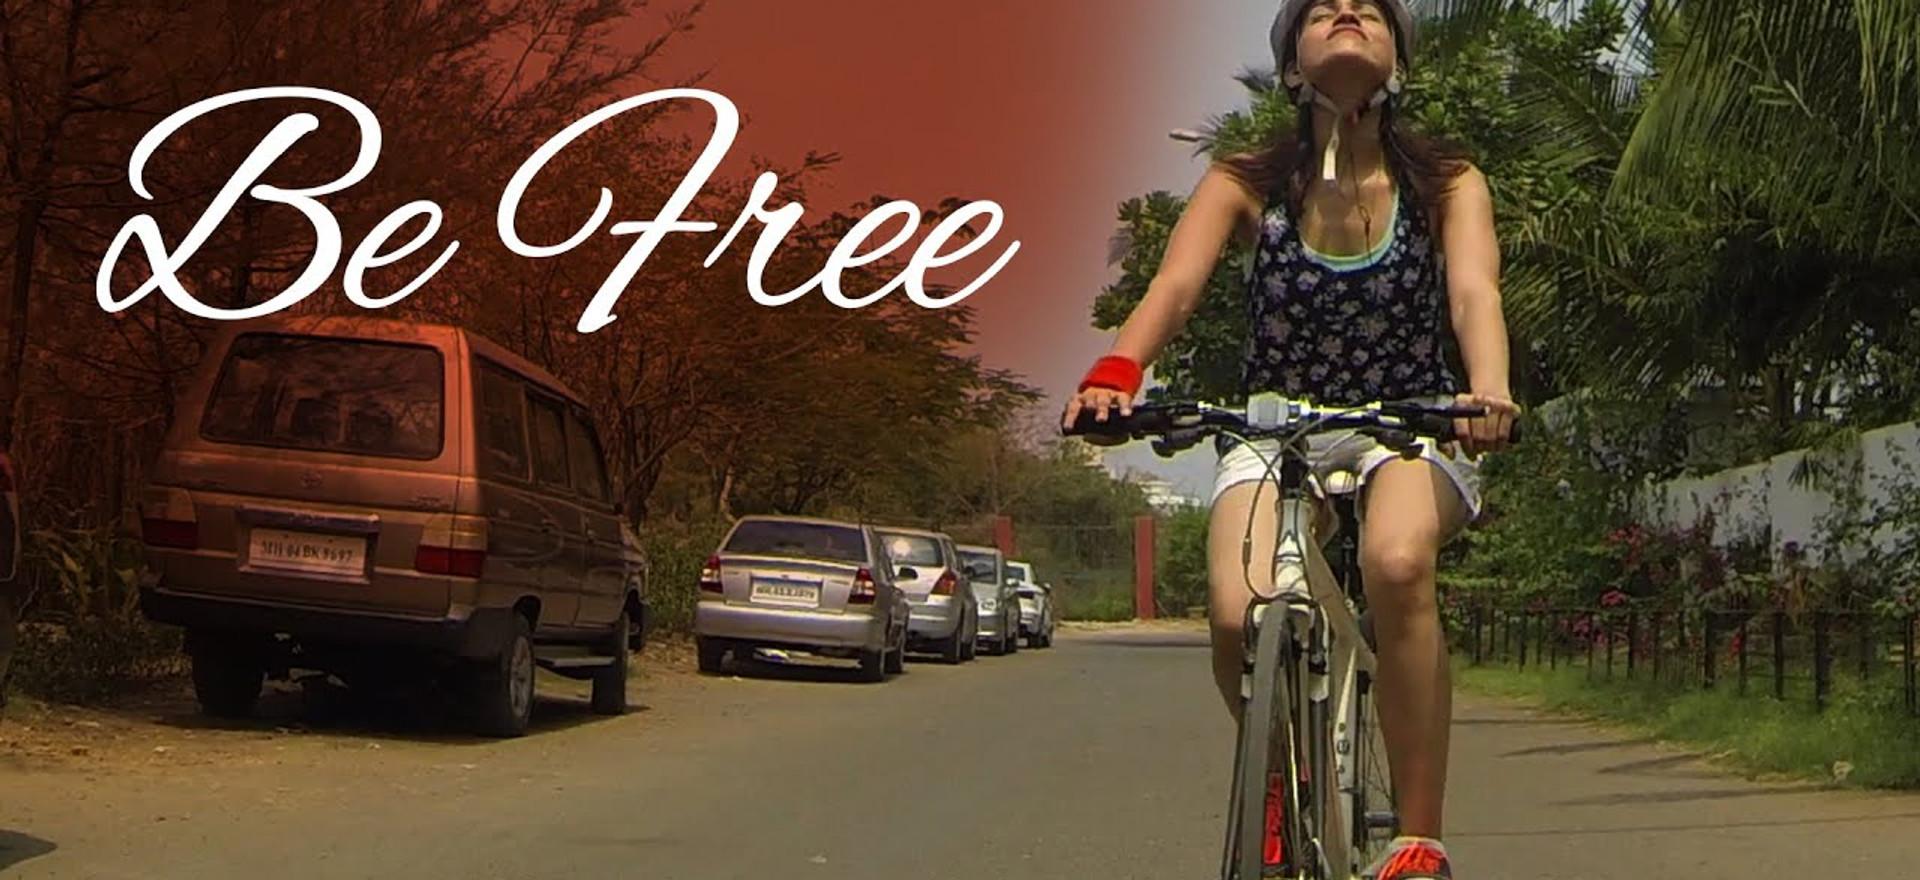 BE FREE (Original Acapella) by Vasuda Sharma